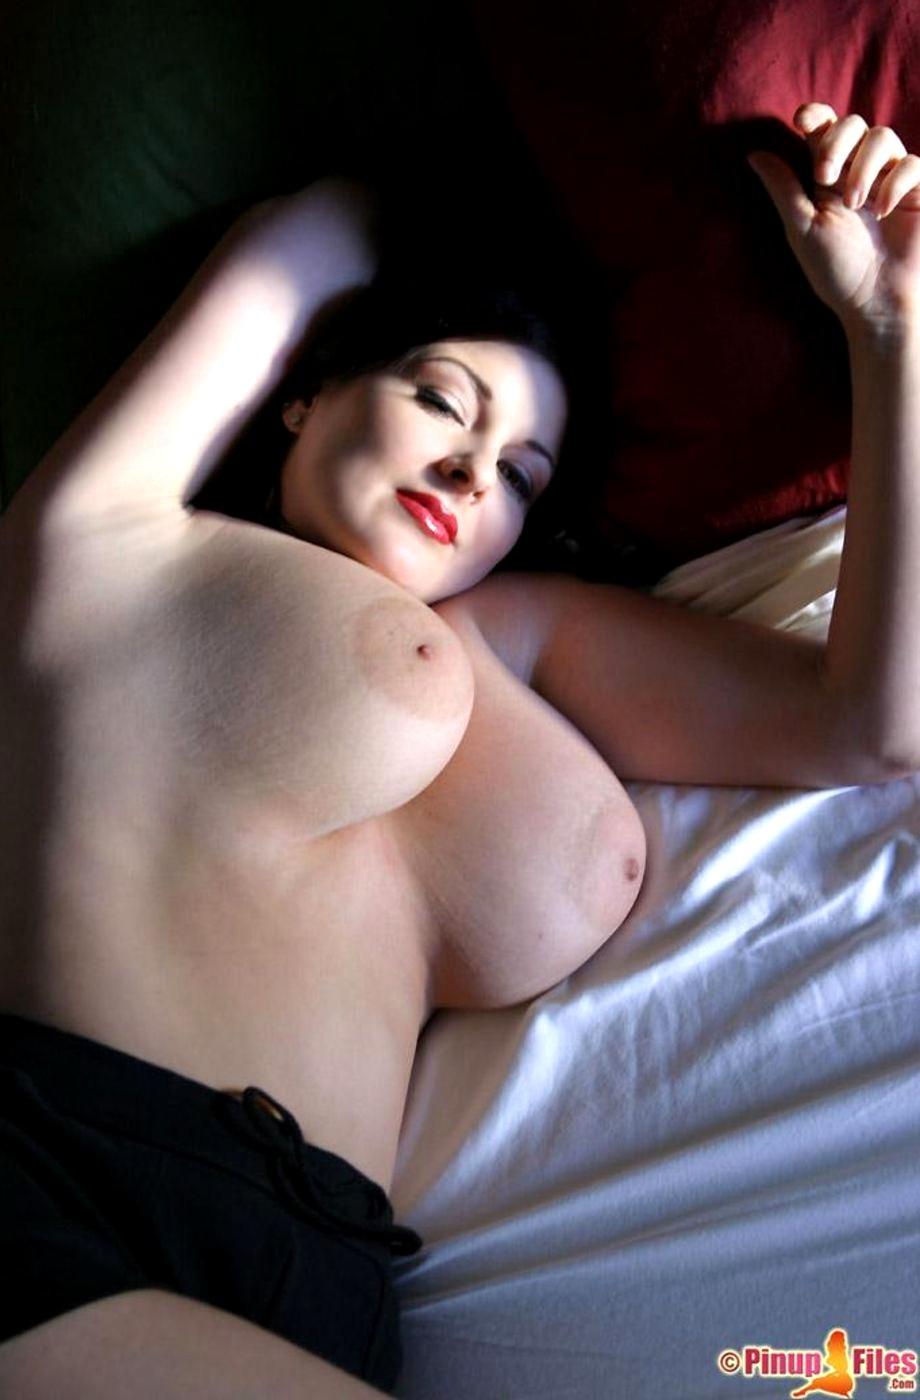 Erotic ballbusting stories